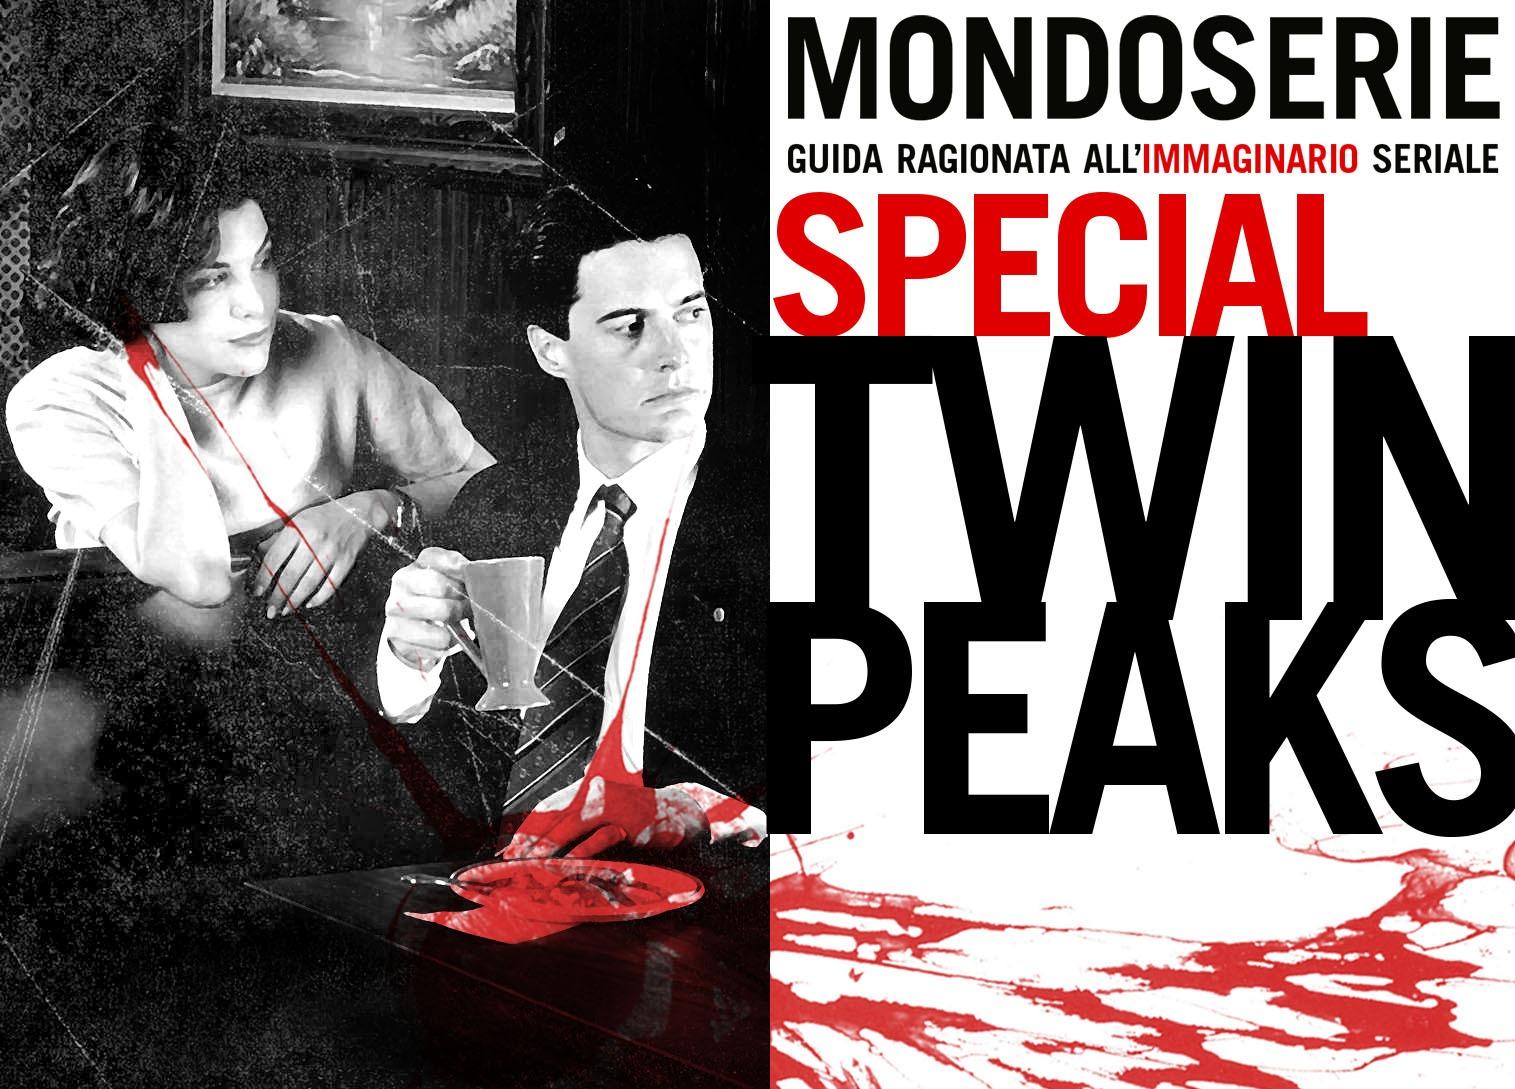 Immagine: artwork dello Special Twin Peaks 30 è per MONDOSERIE